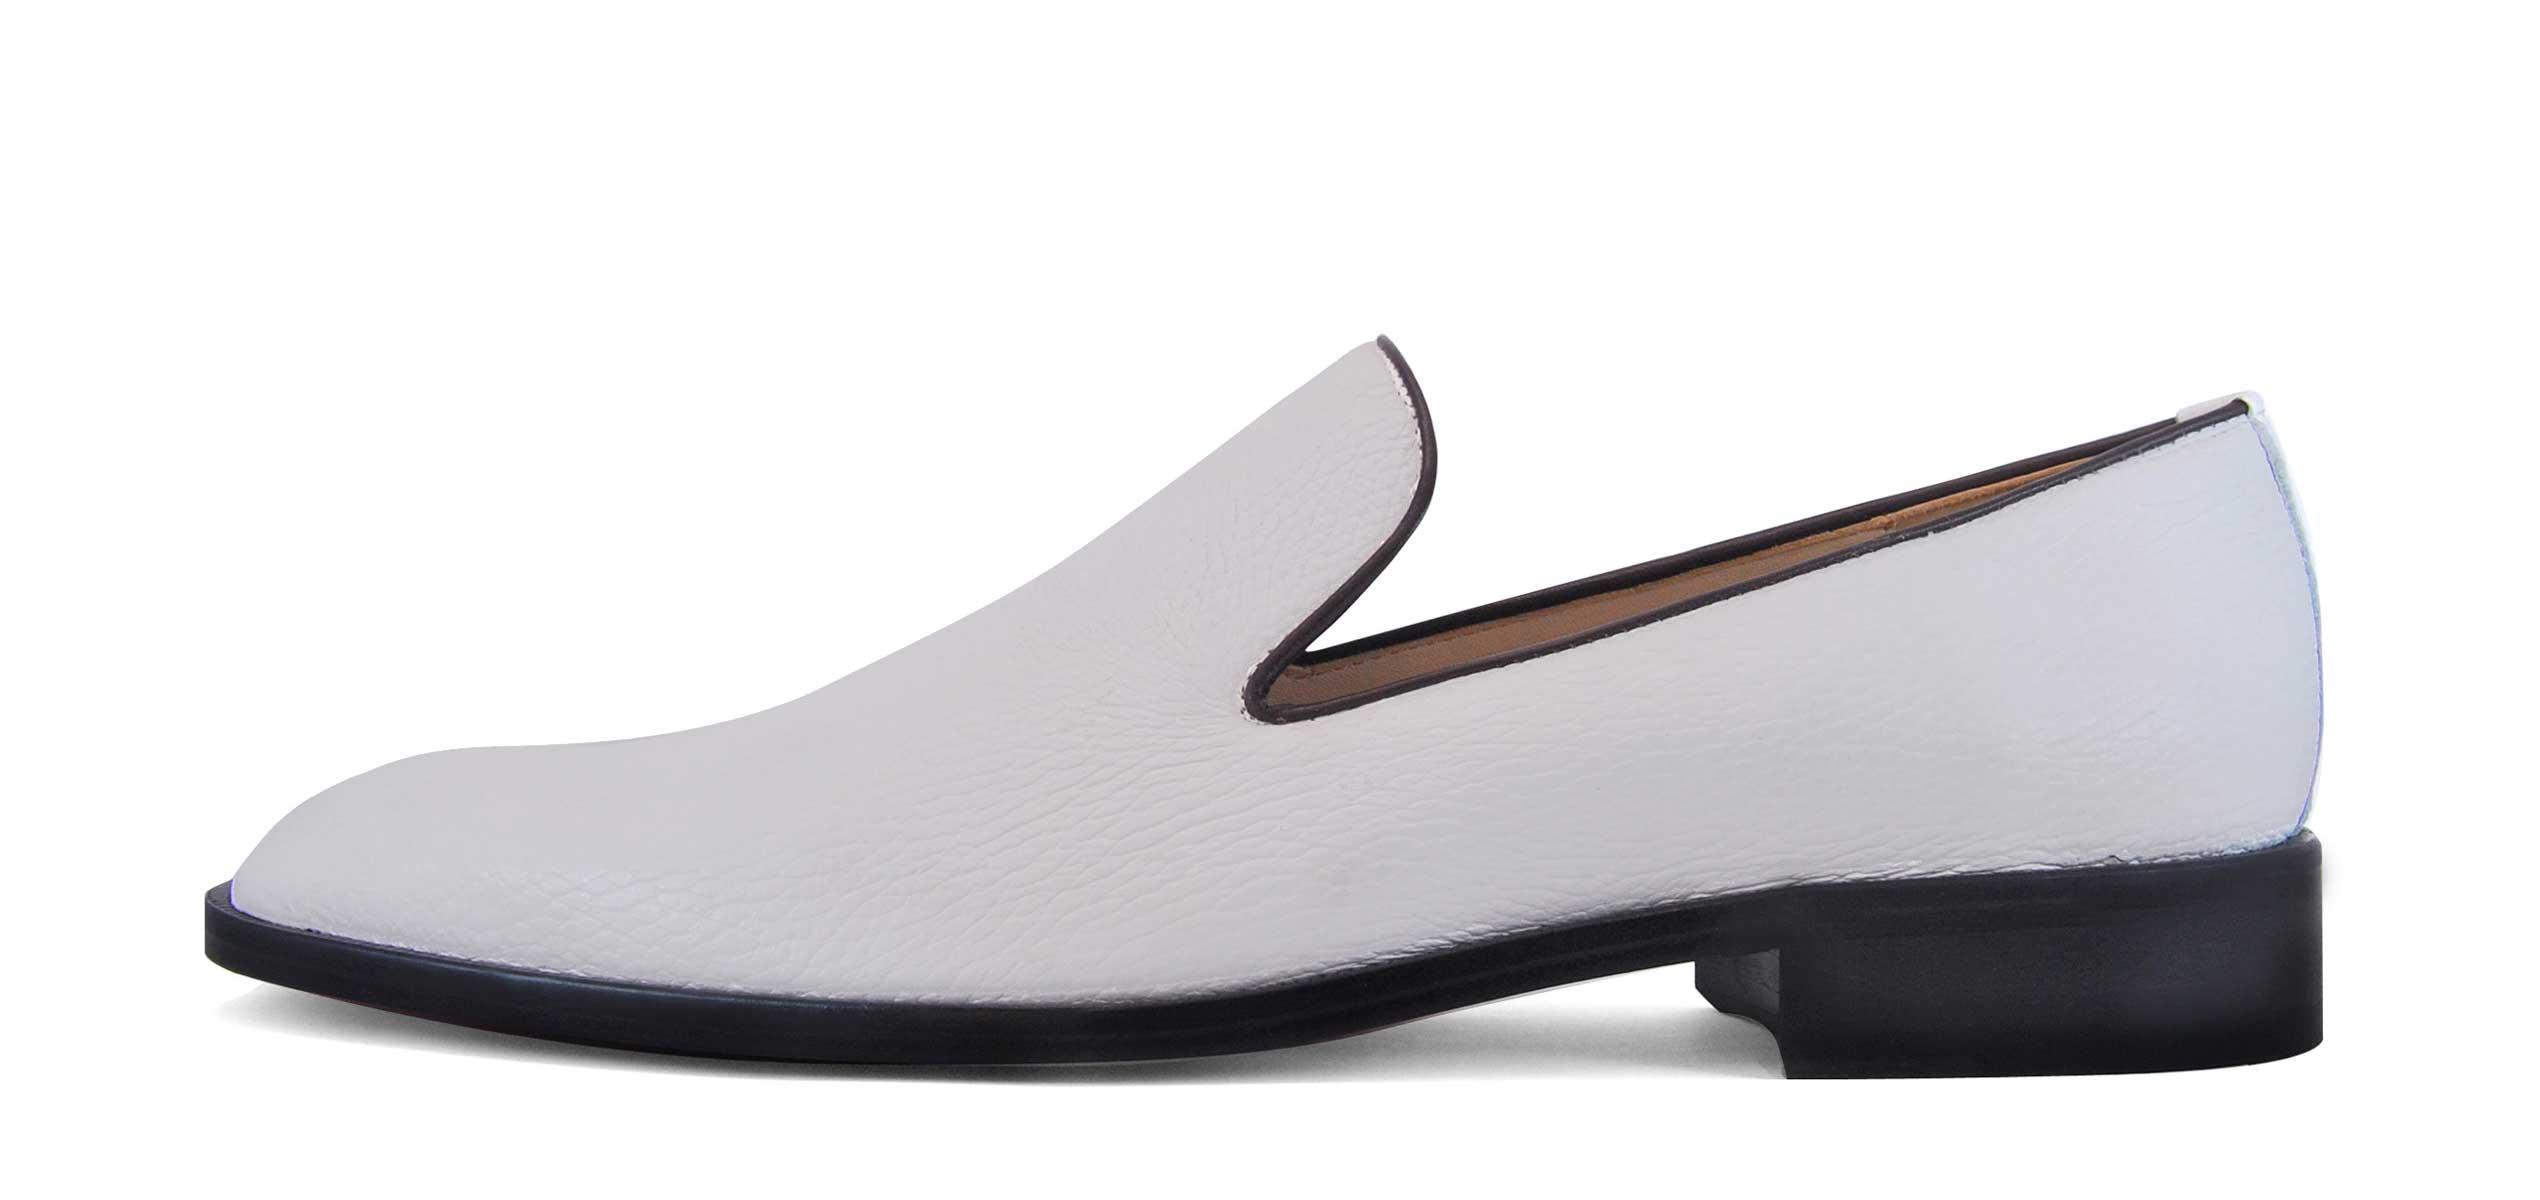 Foto 1 de Zapatos Napa Blanco